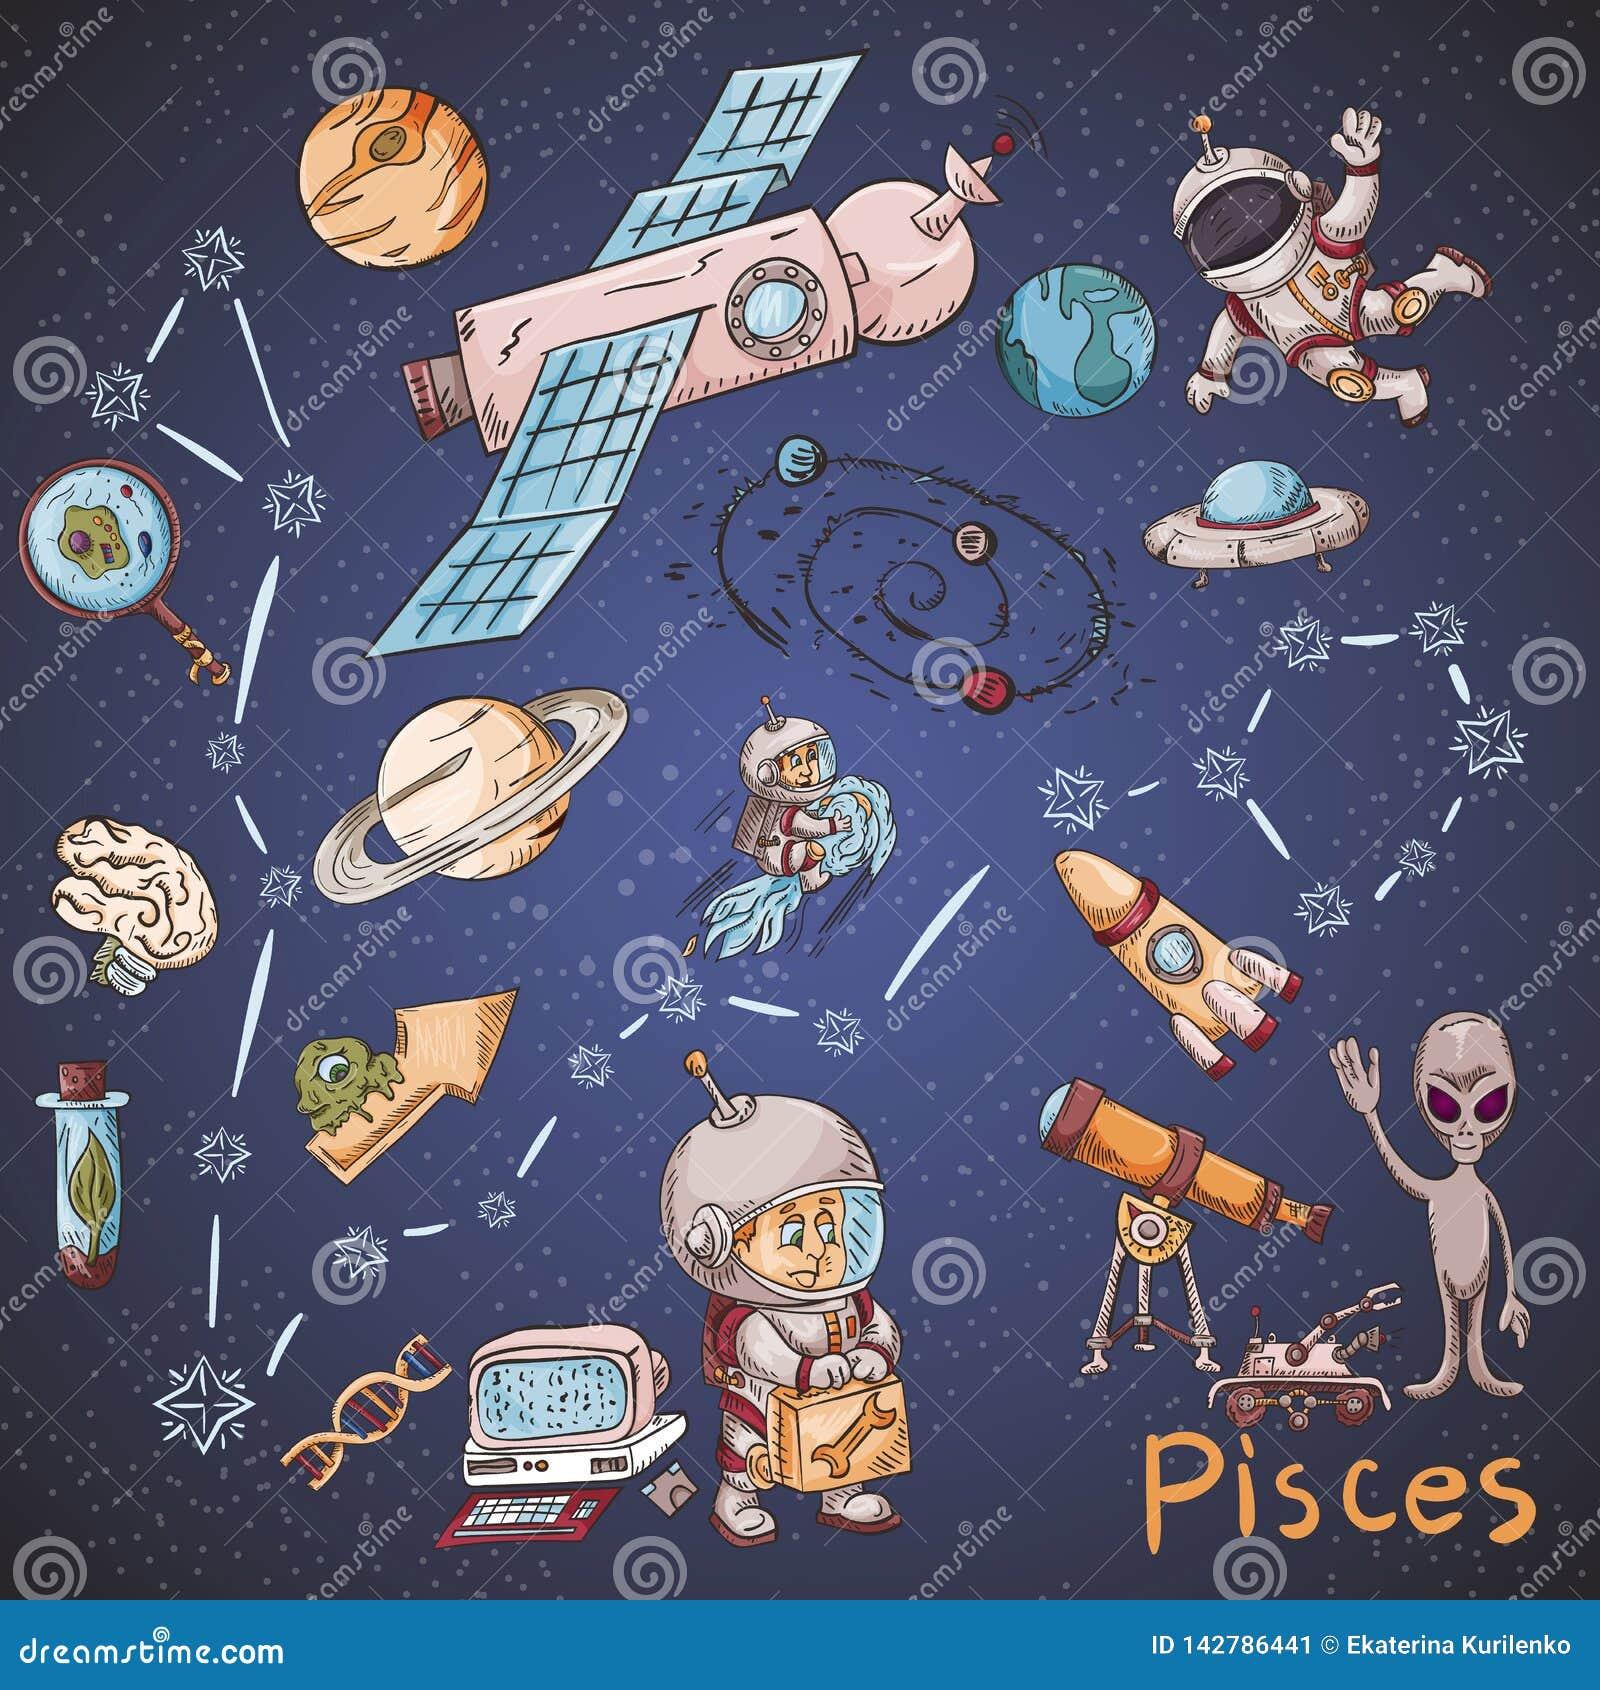 Διαστημικός αστερισμός με τις έγχρωμες εικονογραφήσεις name_30_and σε ένα επιστημονικό και φανταστικό θέμα